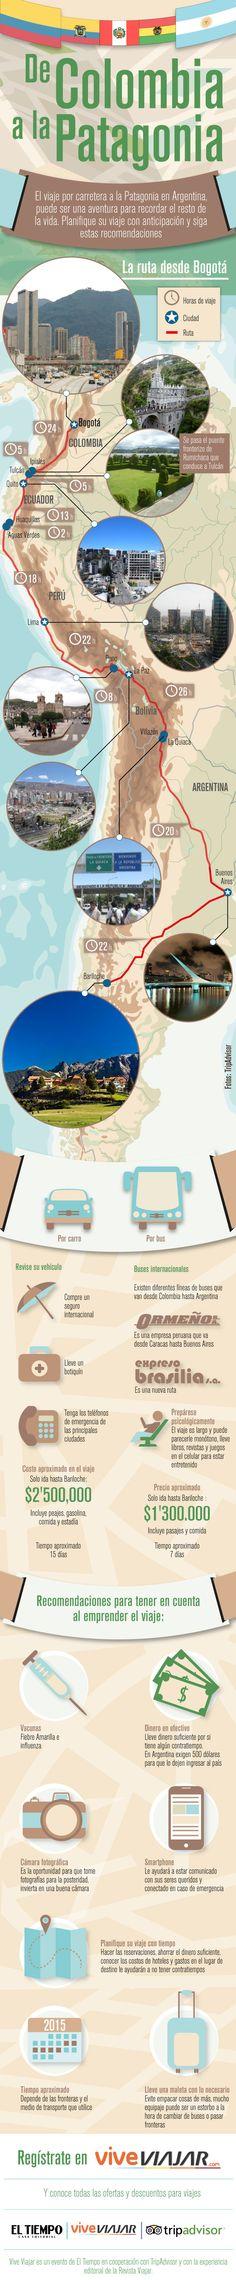 Por carretera, desde Colombia a La Patagonia